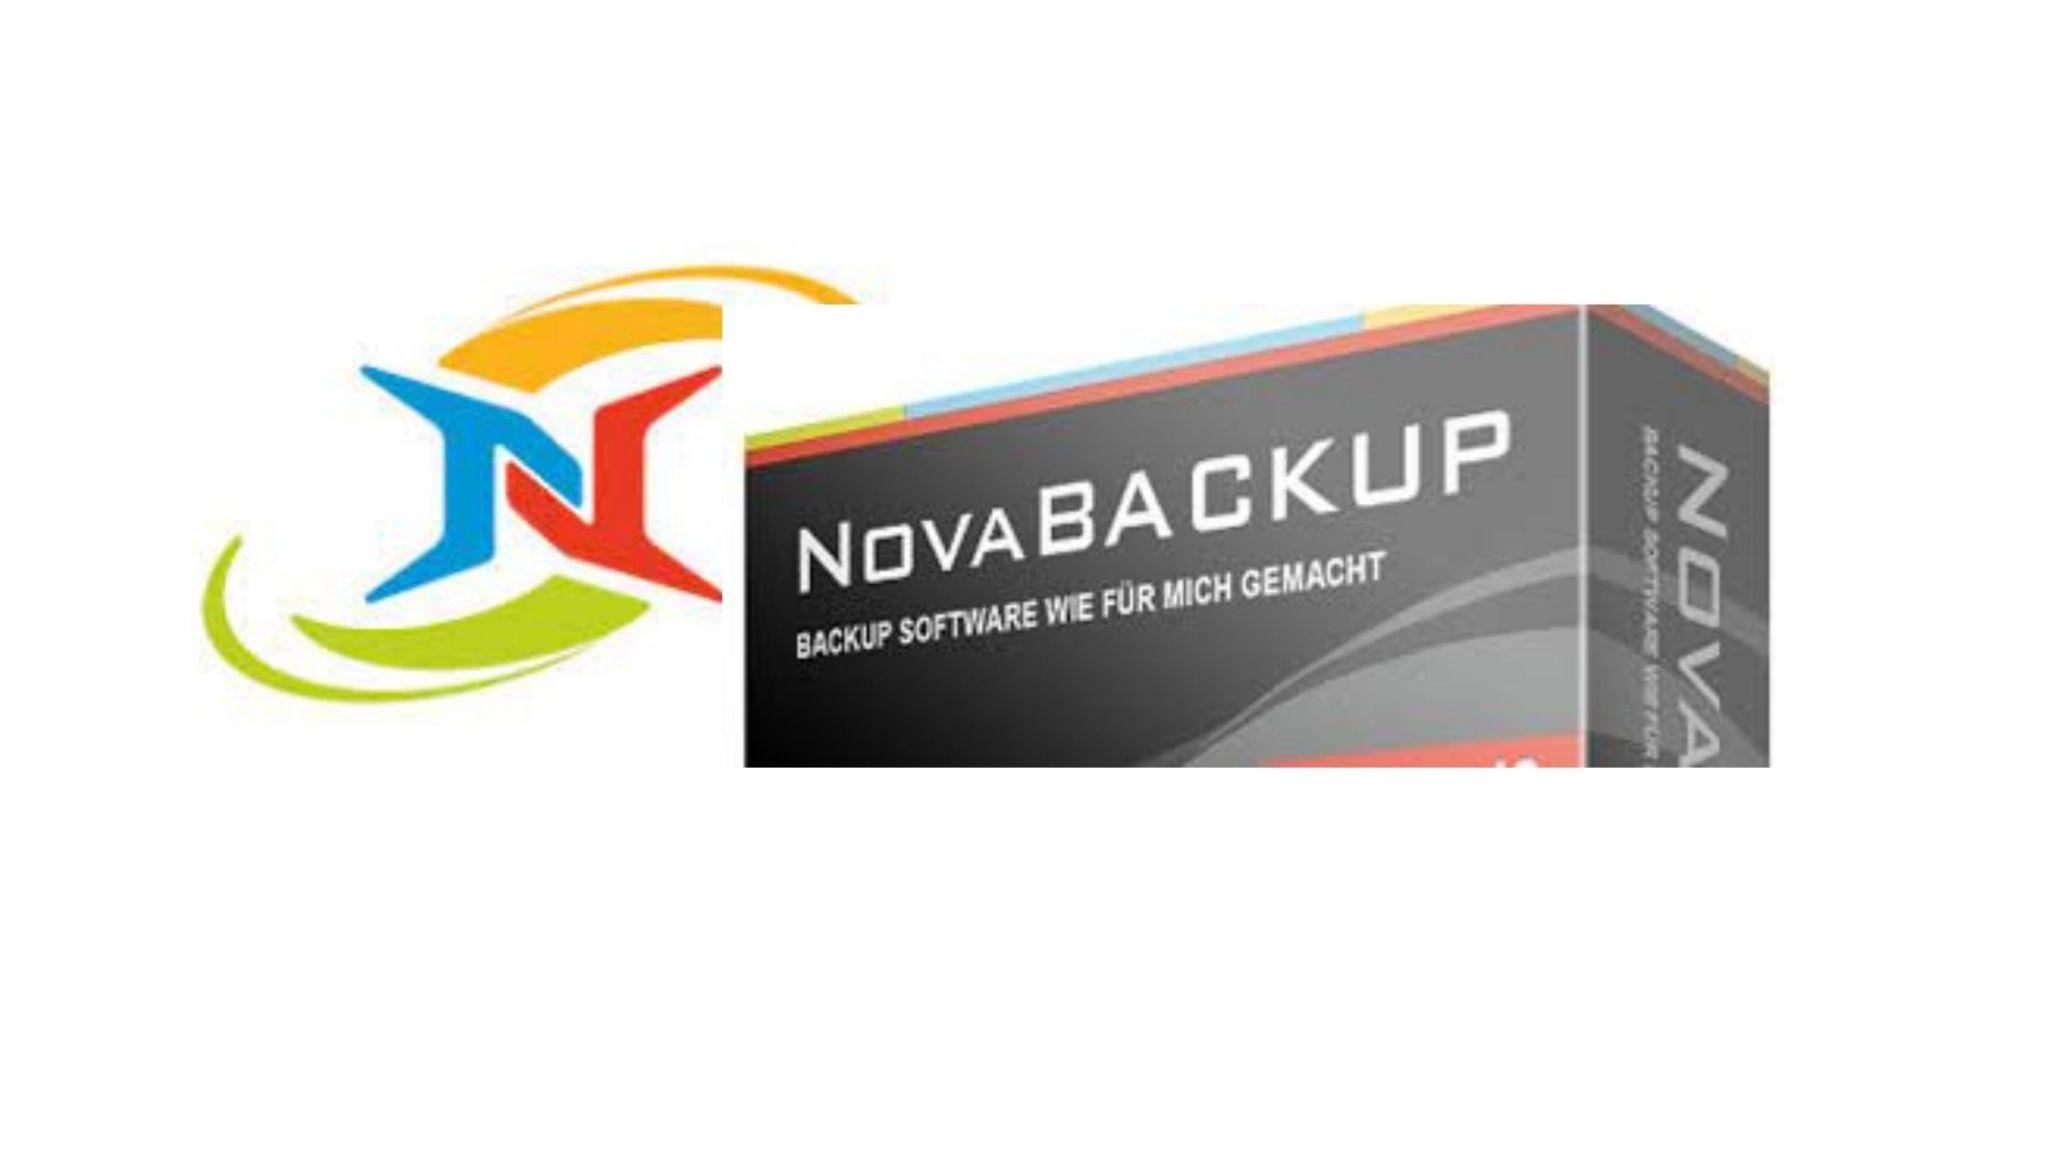 Nova Backup - Backup software